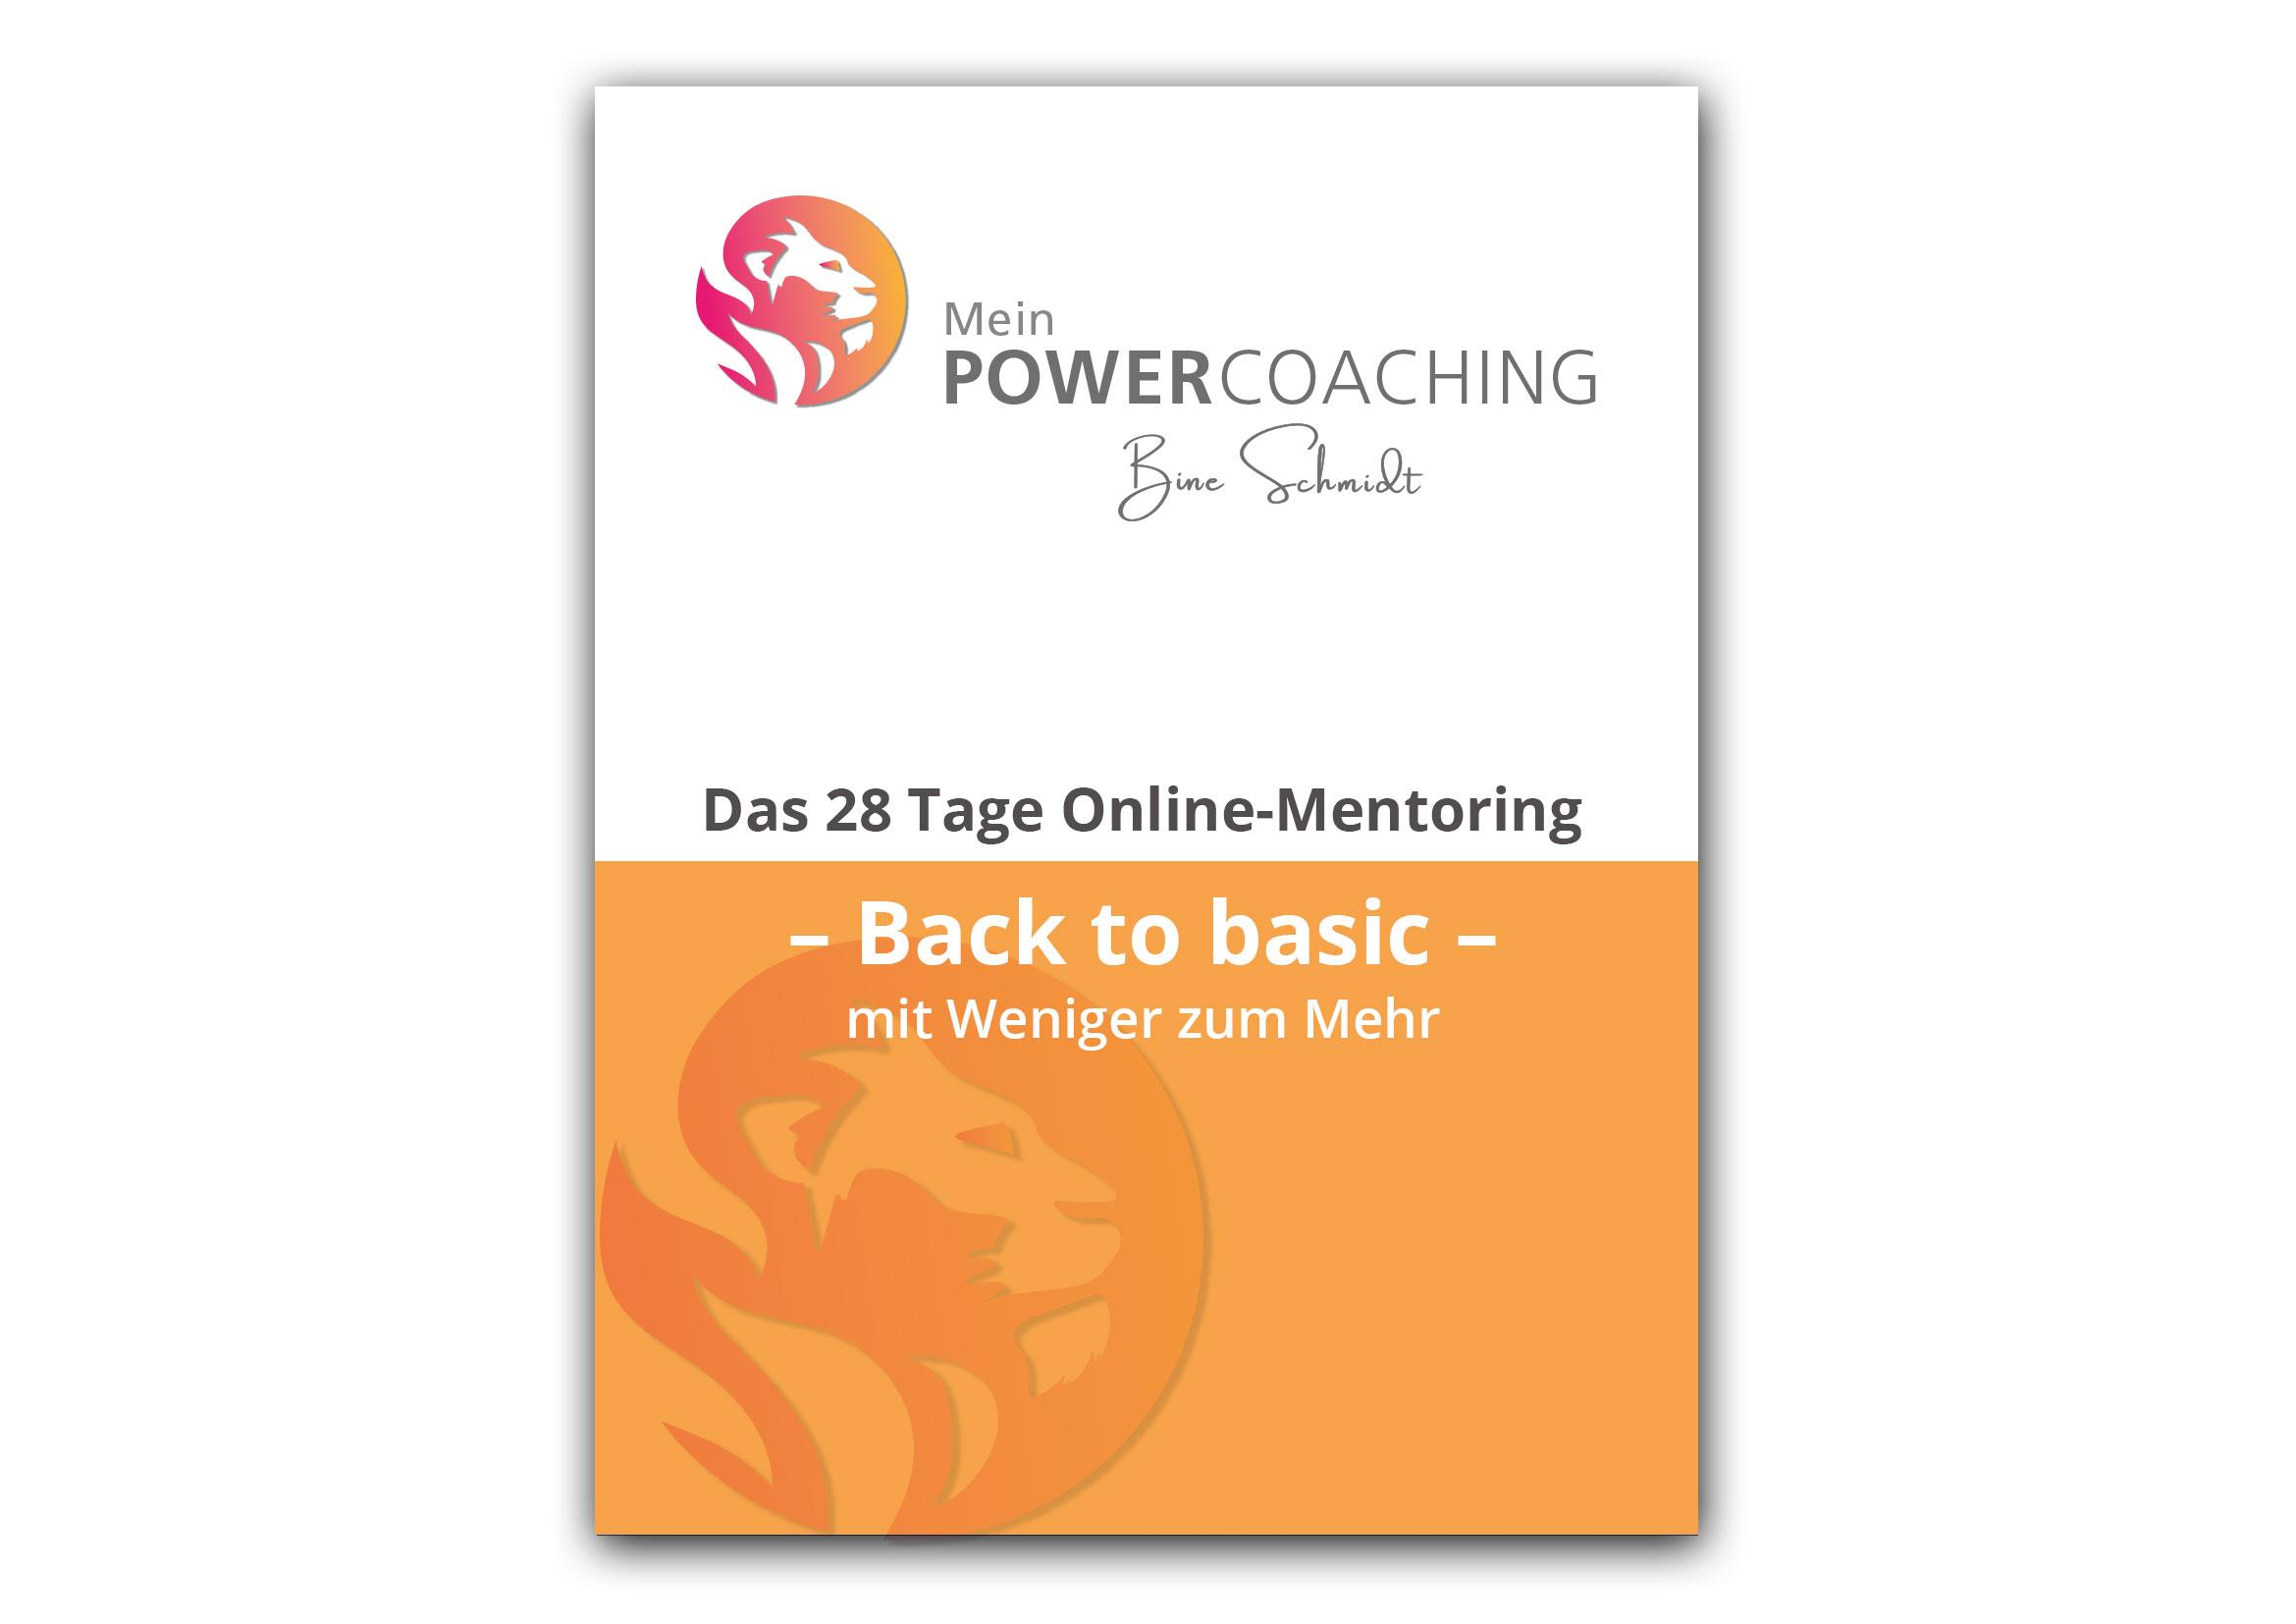 Bine Schmidt Power Coaching